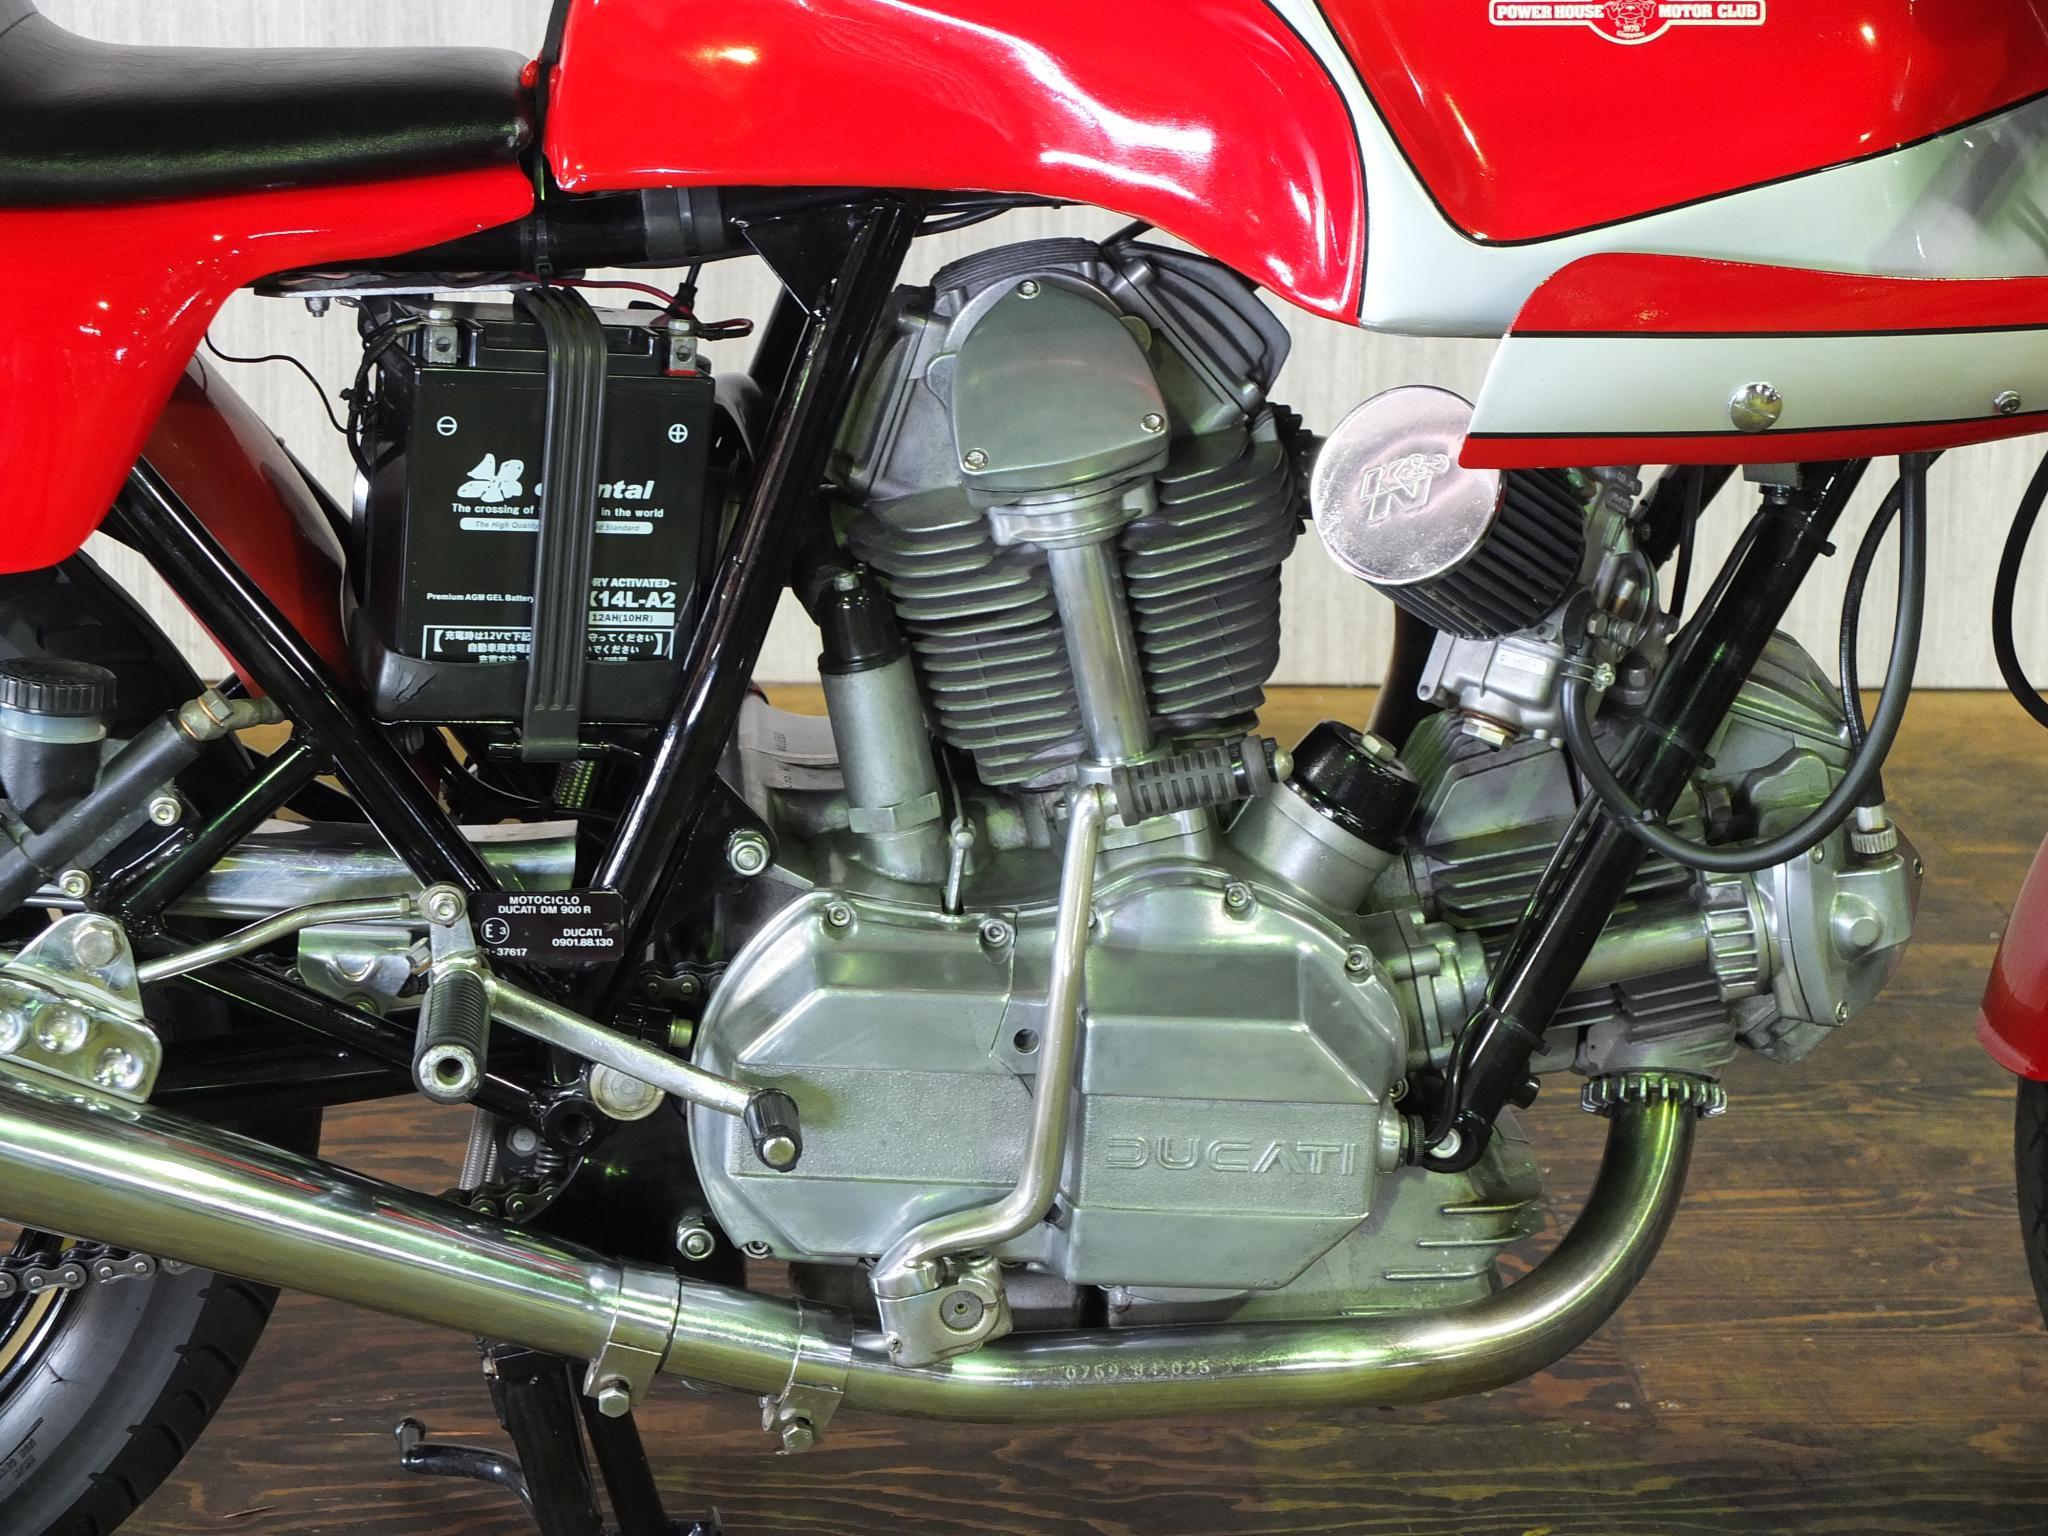 ドゥカティ 1983 Ducati MHR 900 車体写真7